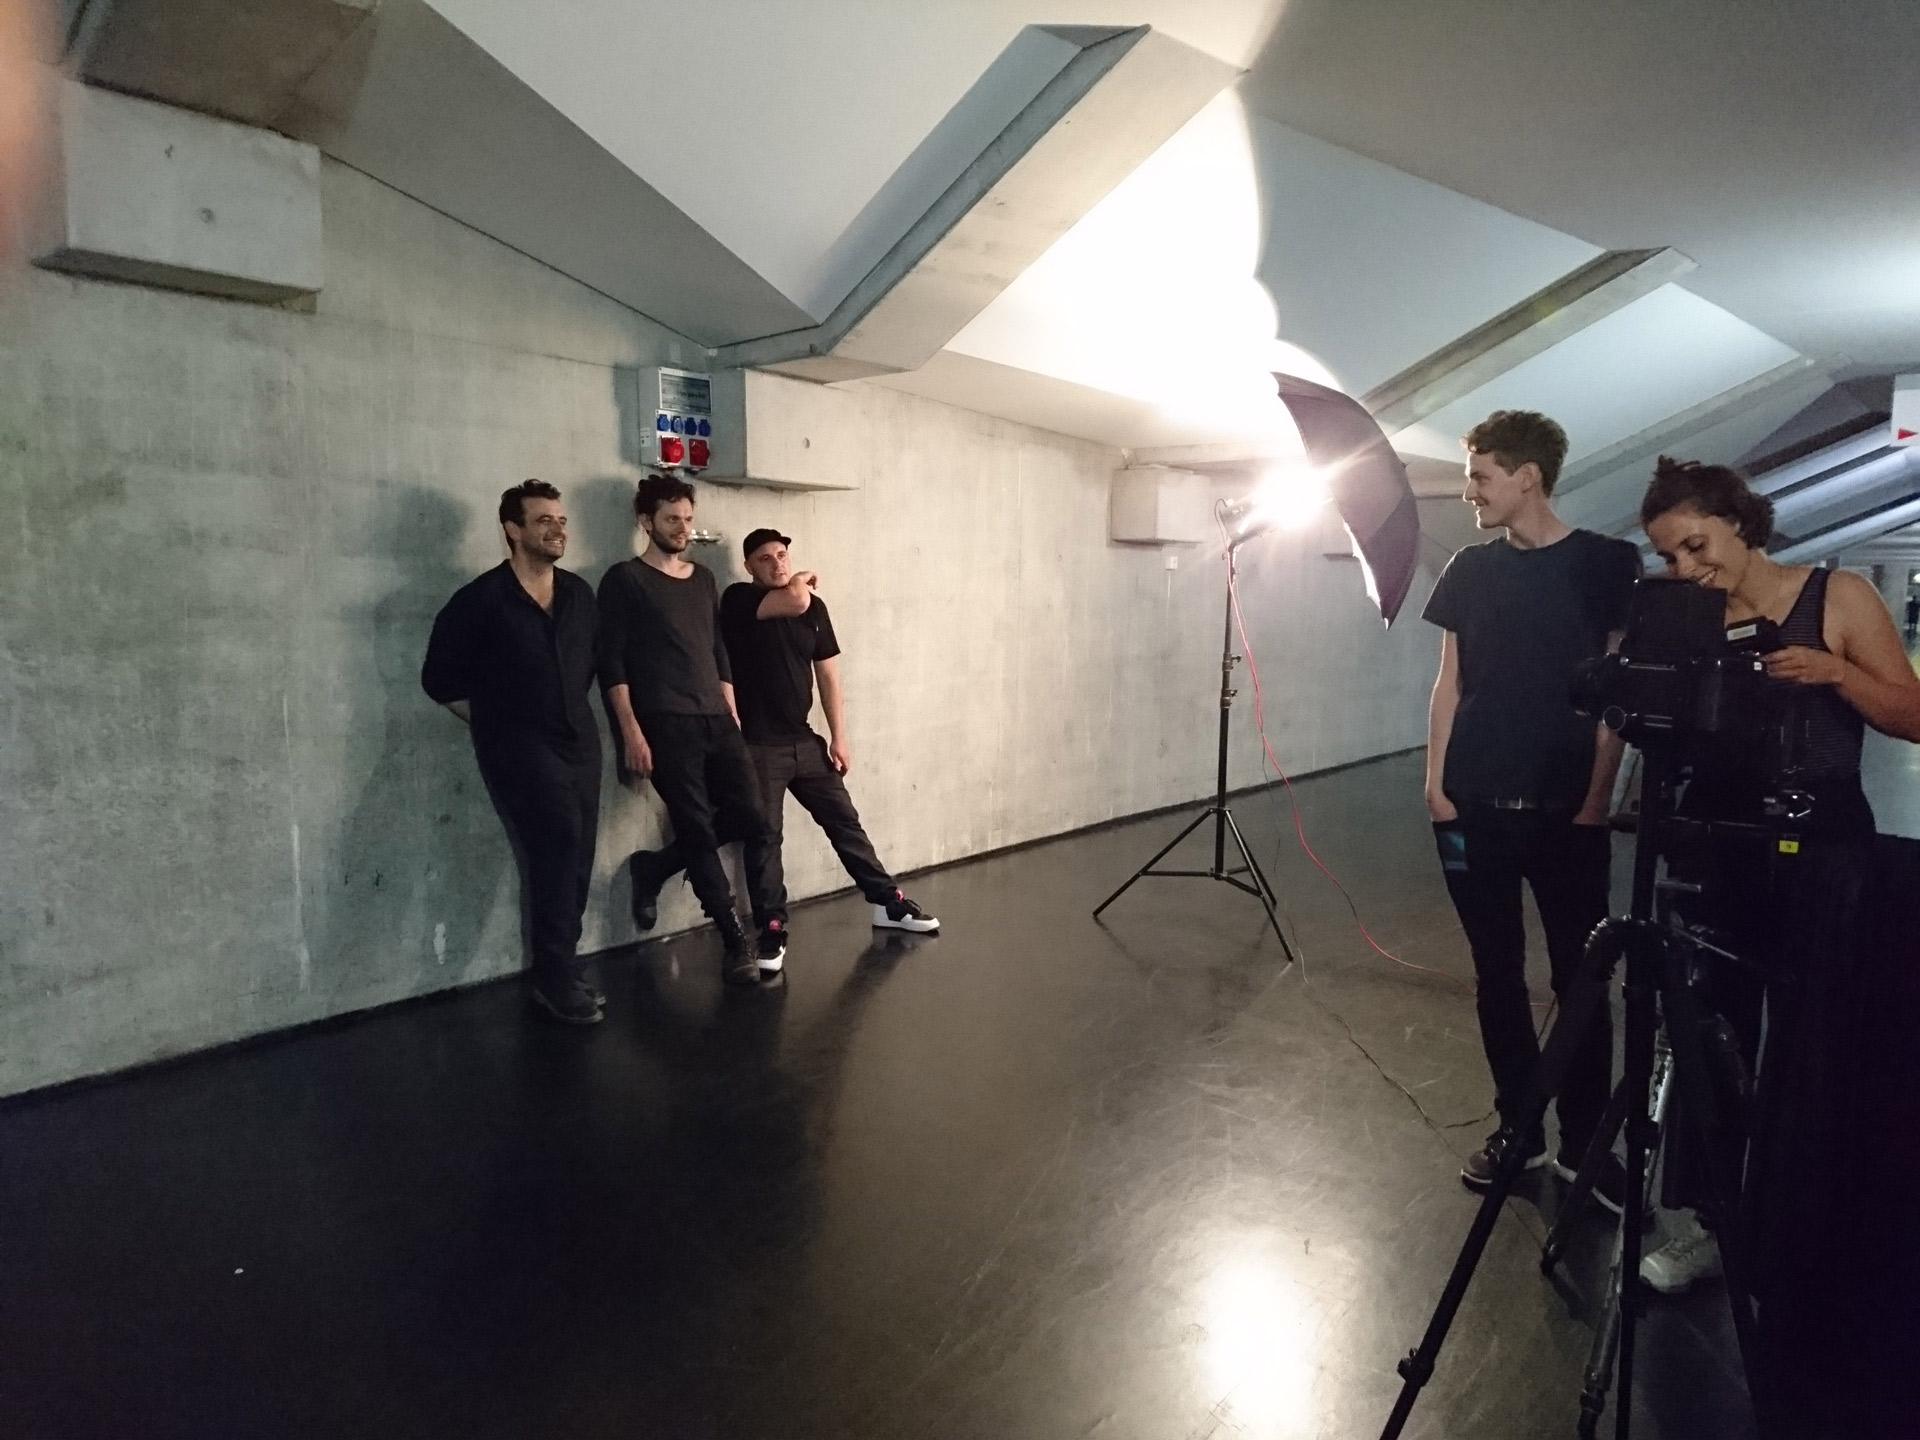 Nora Lina Merten bei ihrem exclusiven Shooting mit MODERAT, 5 min nach deren Auftritt am 5. Juni im Velodrom Berlin © Team N.L.M. / F.D. 2016